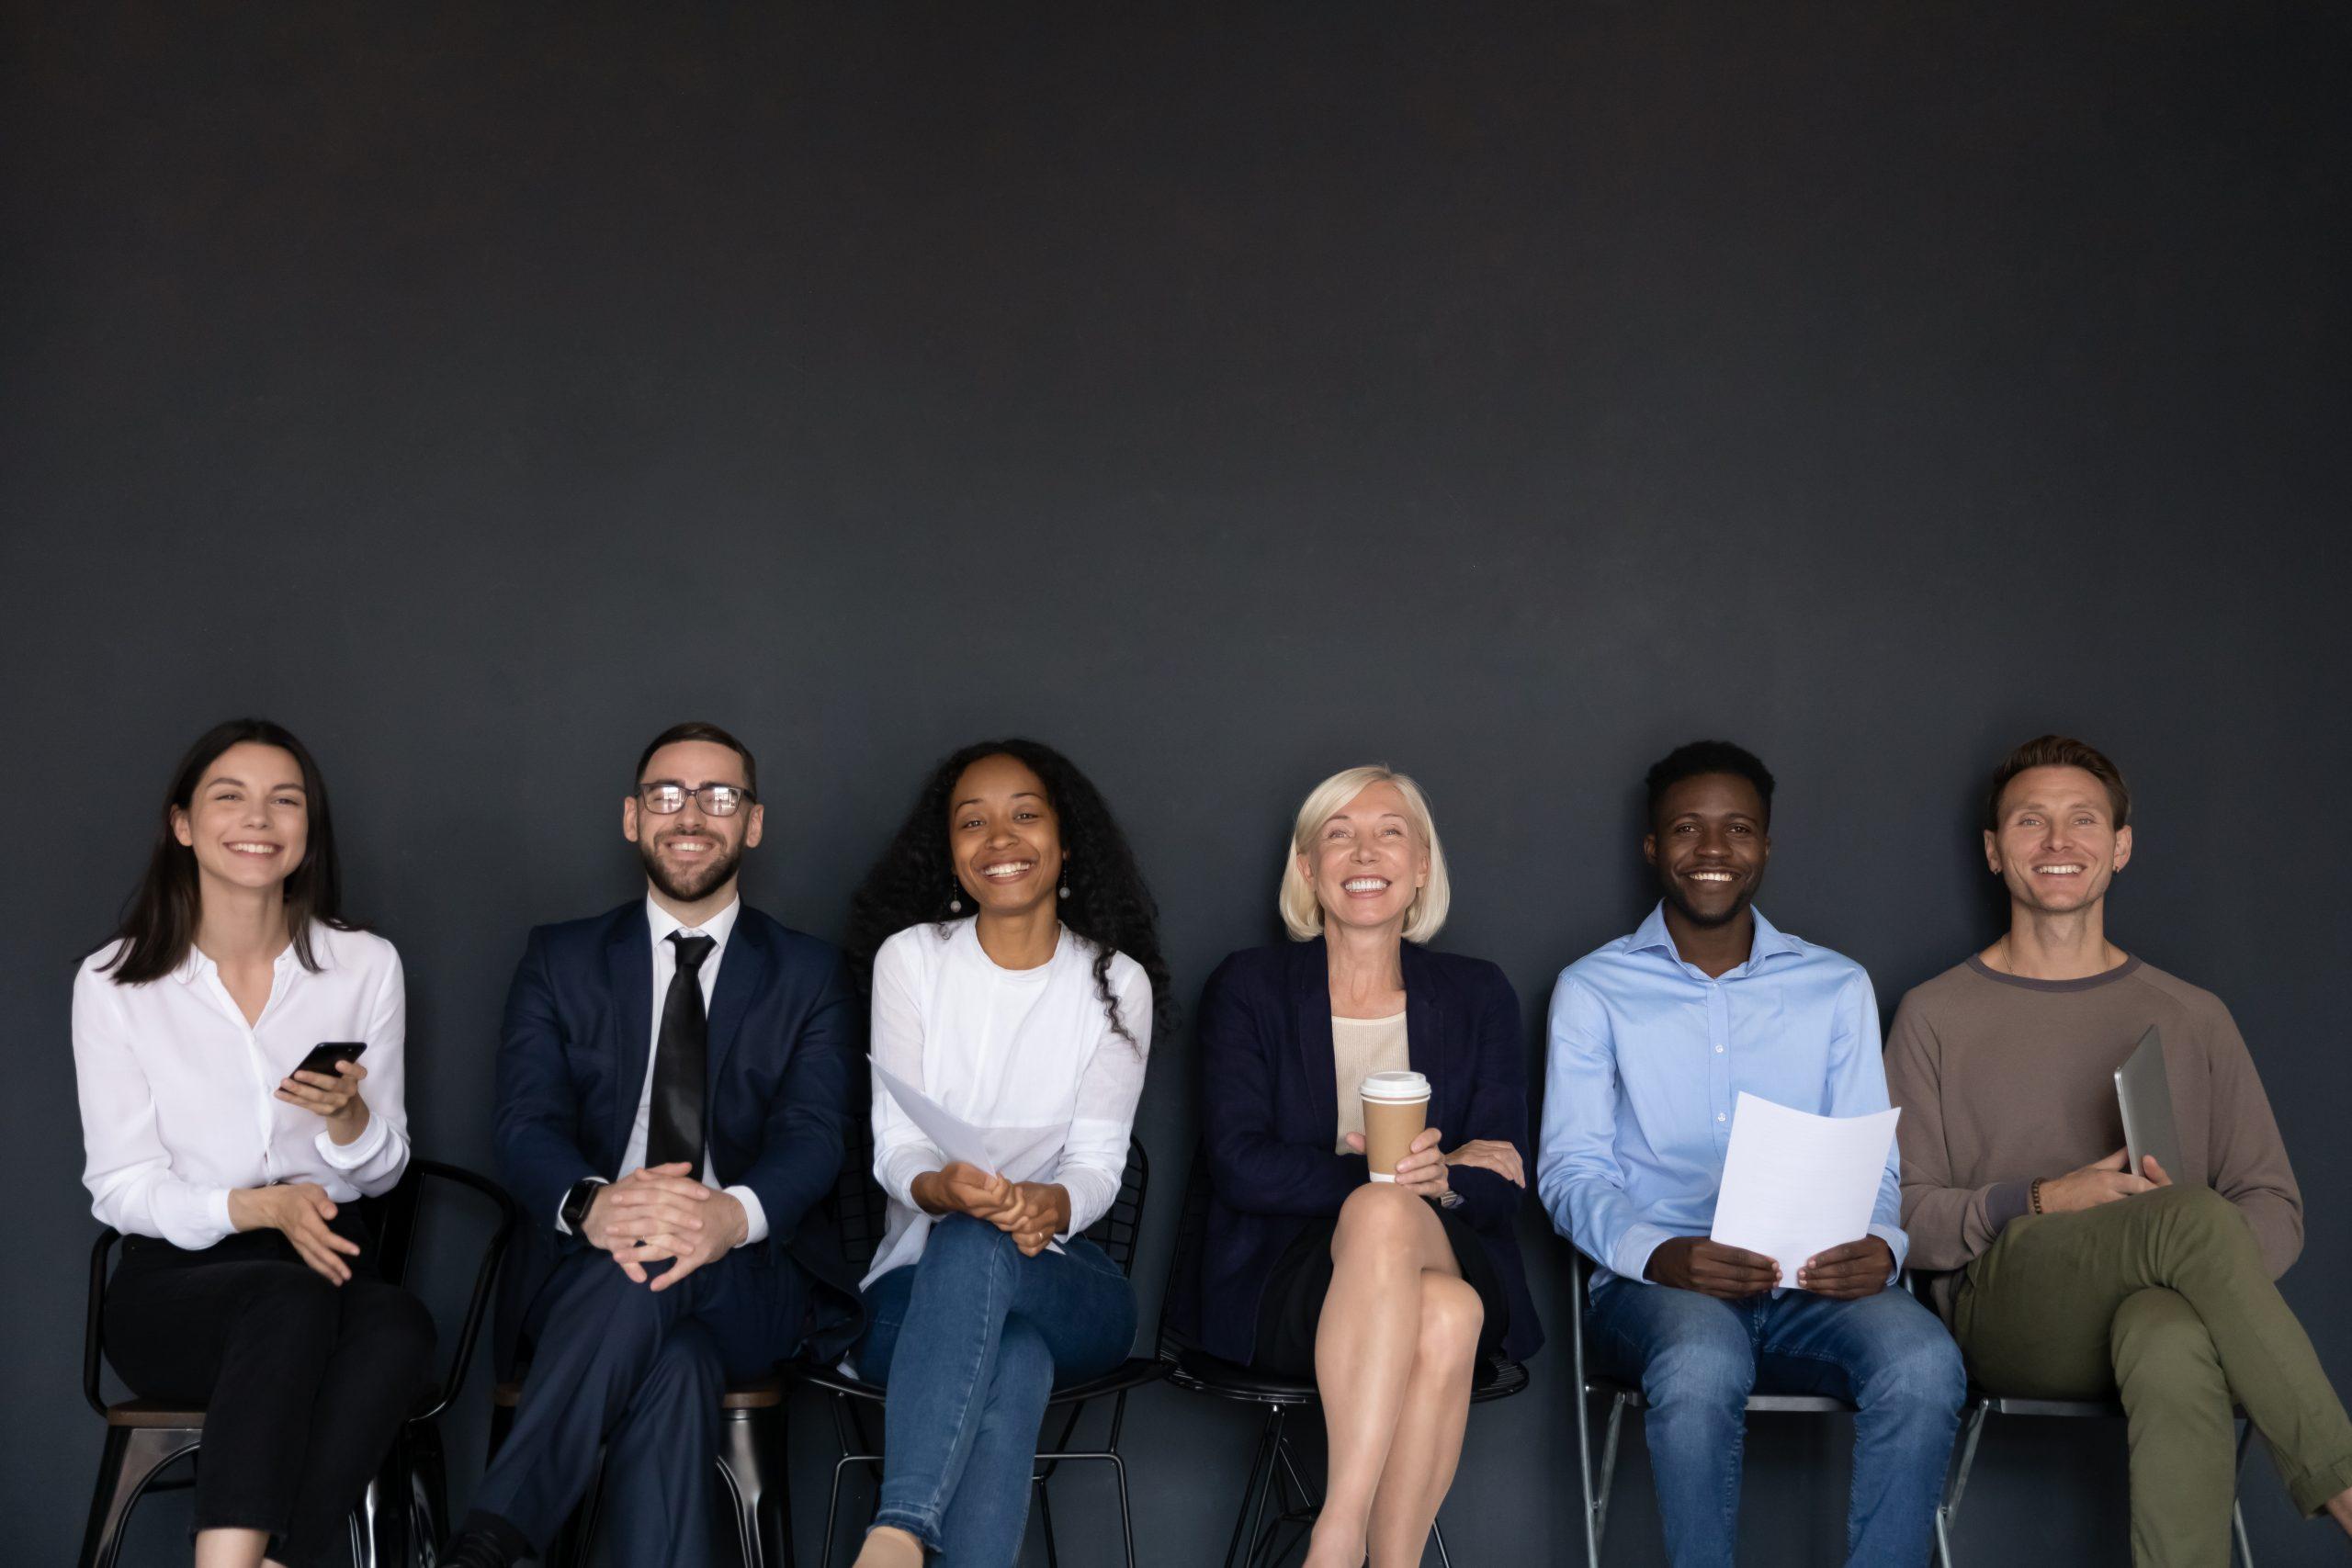 Promovendo a diversidade e inclusão nas contratações da sua startup